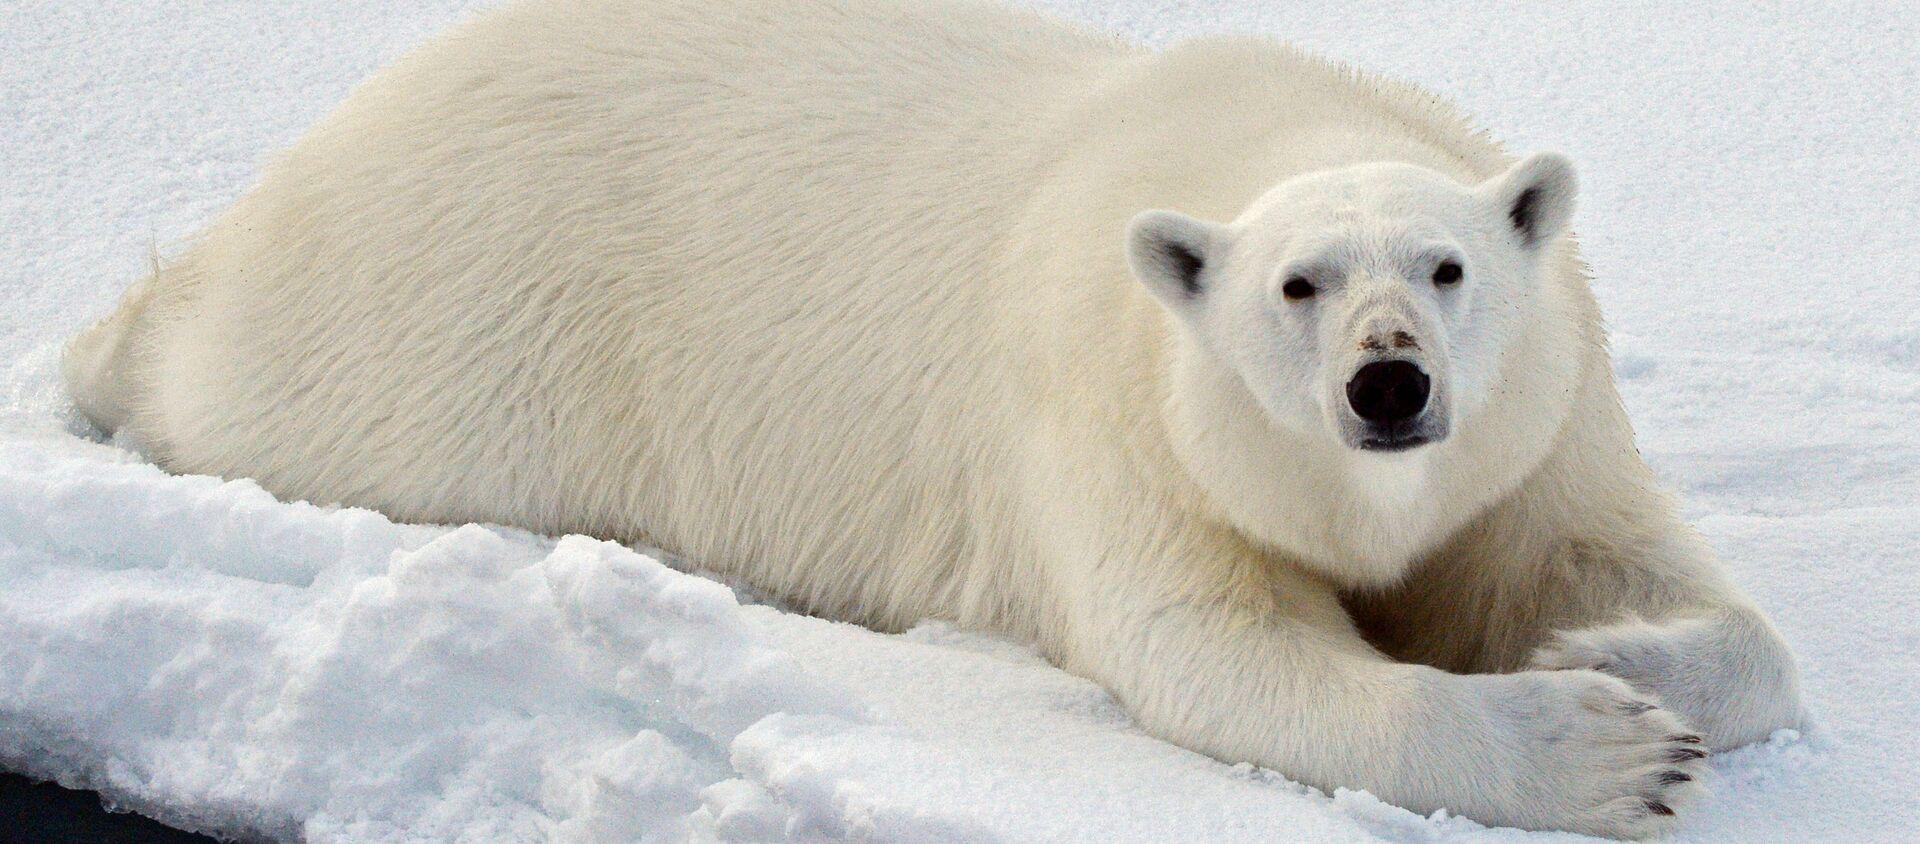 Un orso bianco nel Mar glaciale artico - Sputnik Italia, 1920, 19.09.2020